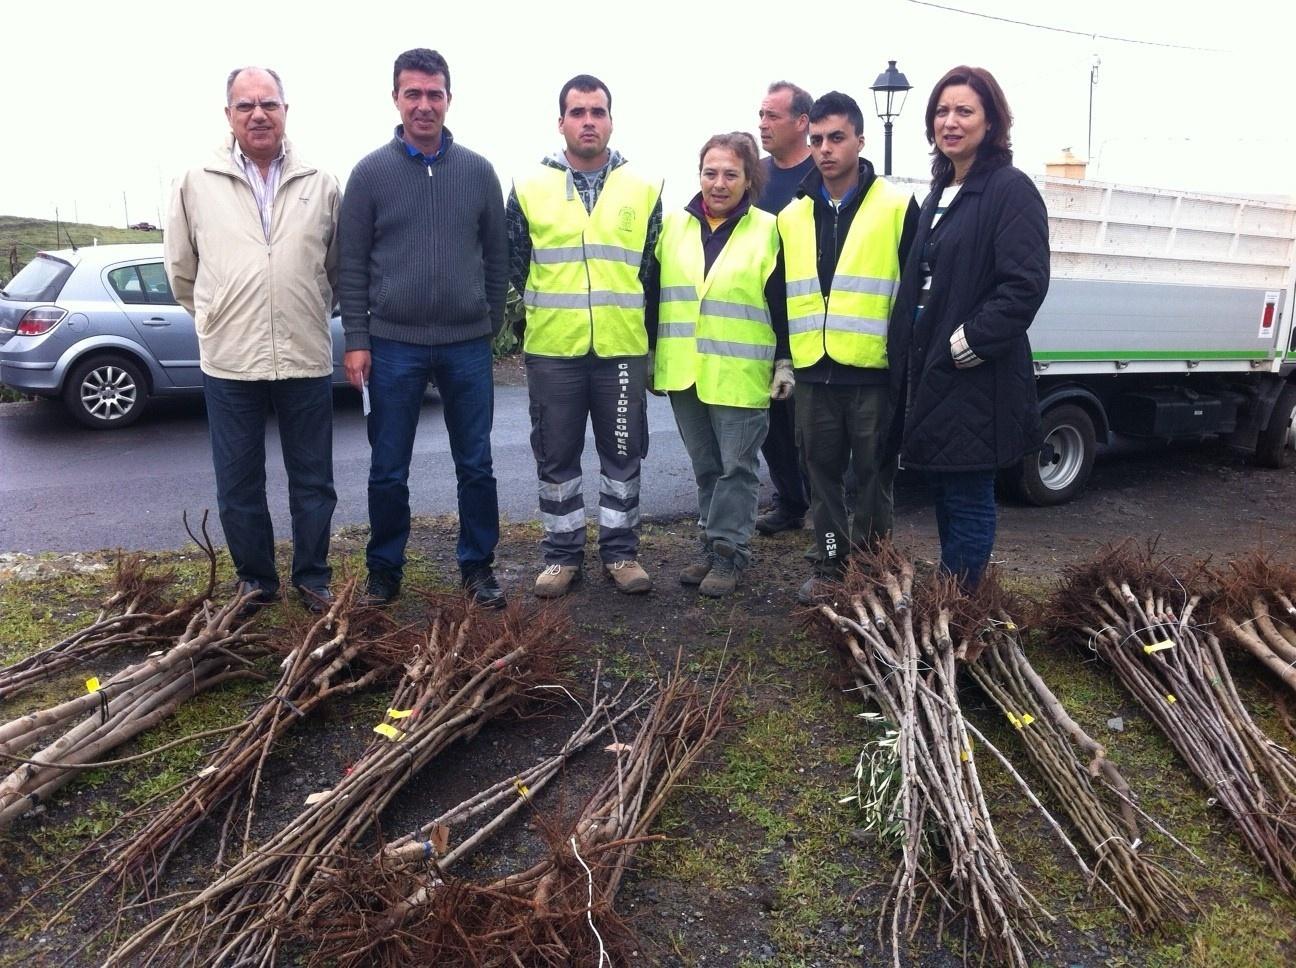 El Cabildo de La Gomera entrega más de 3.000 árboles frutales a los agricultores afectados por el incendio